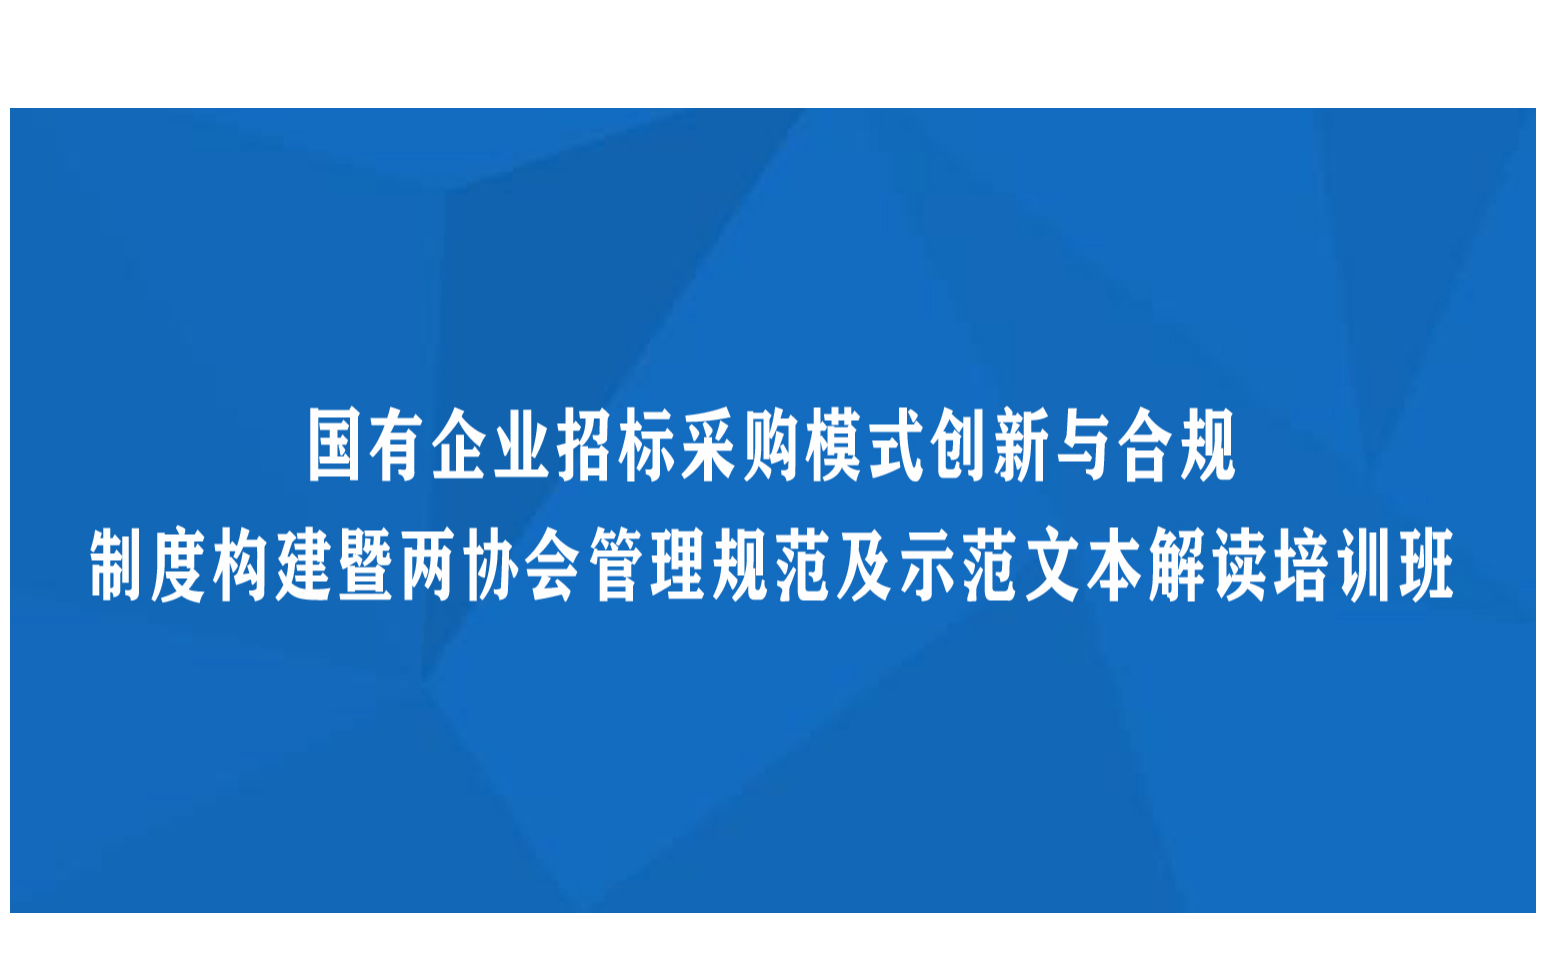 线下课程:国有企业招标采购模式创新与合规制度构建暨两协会管理规范及示范文本解读培训班(9月珠海)